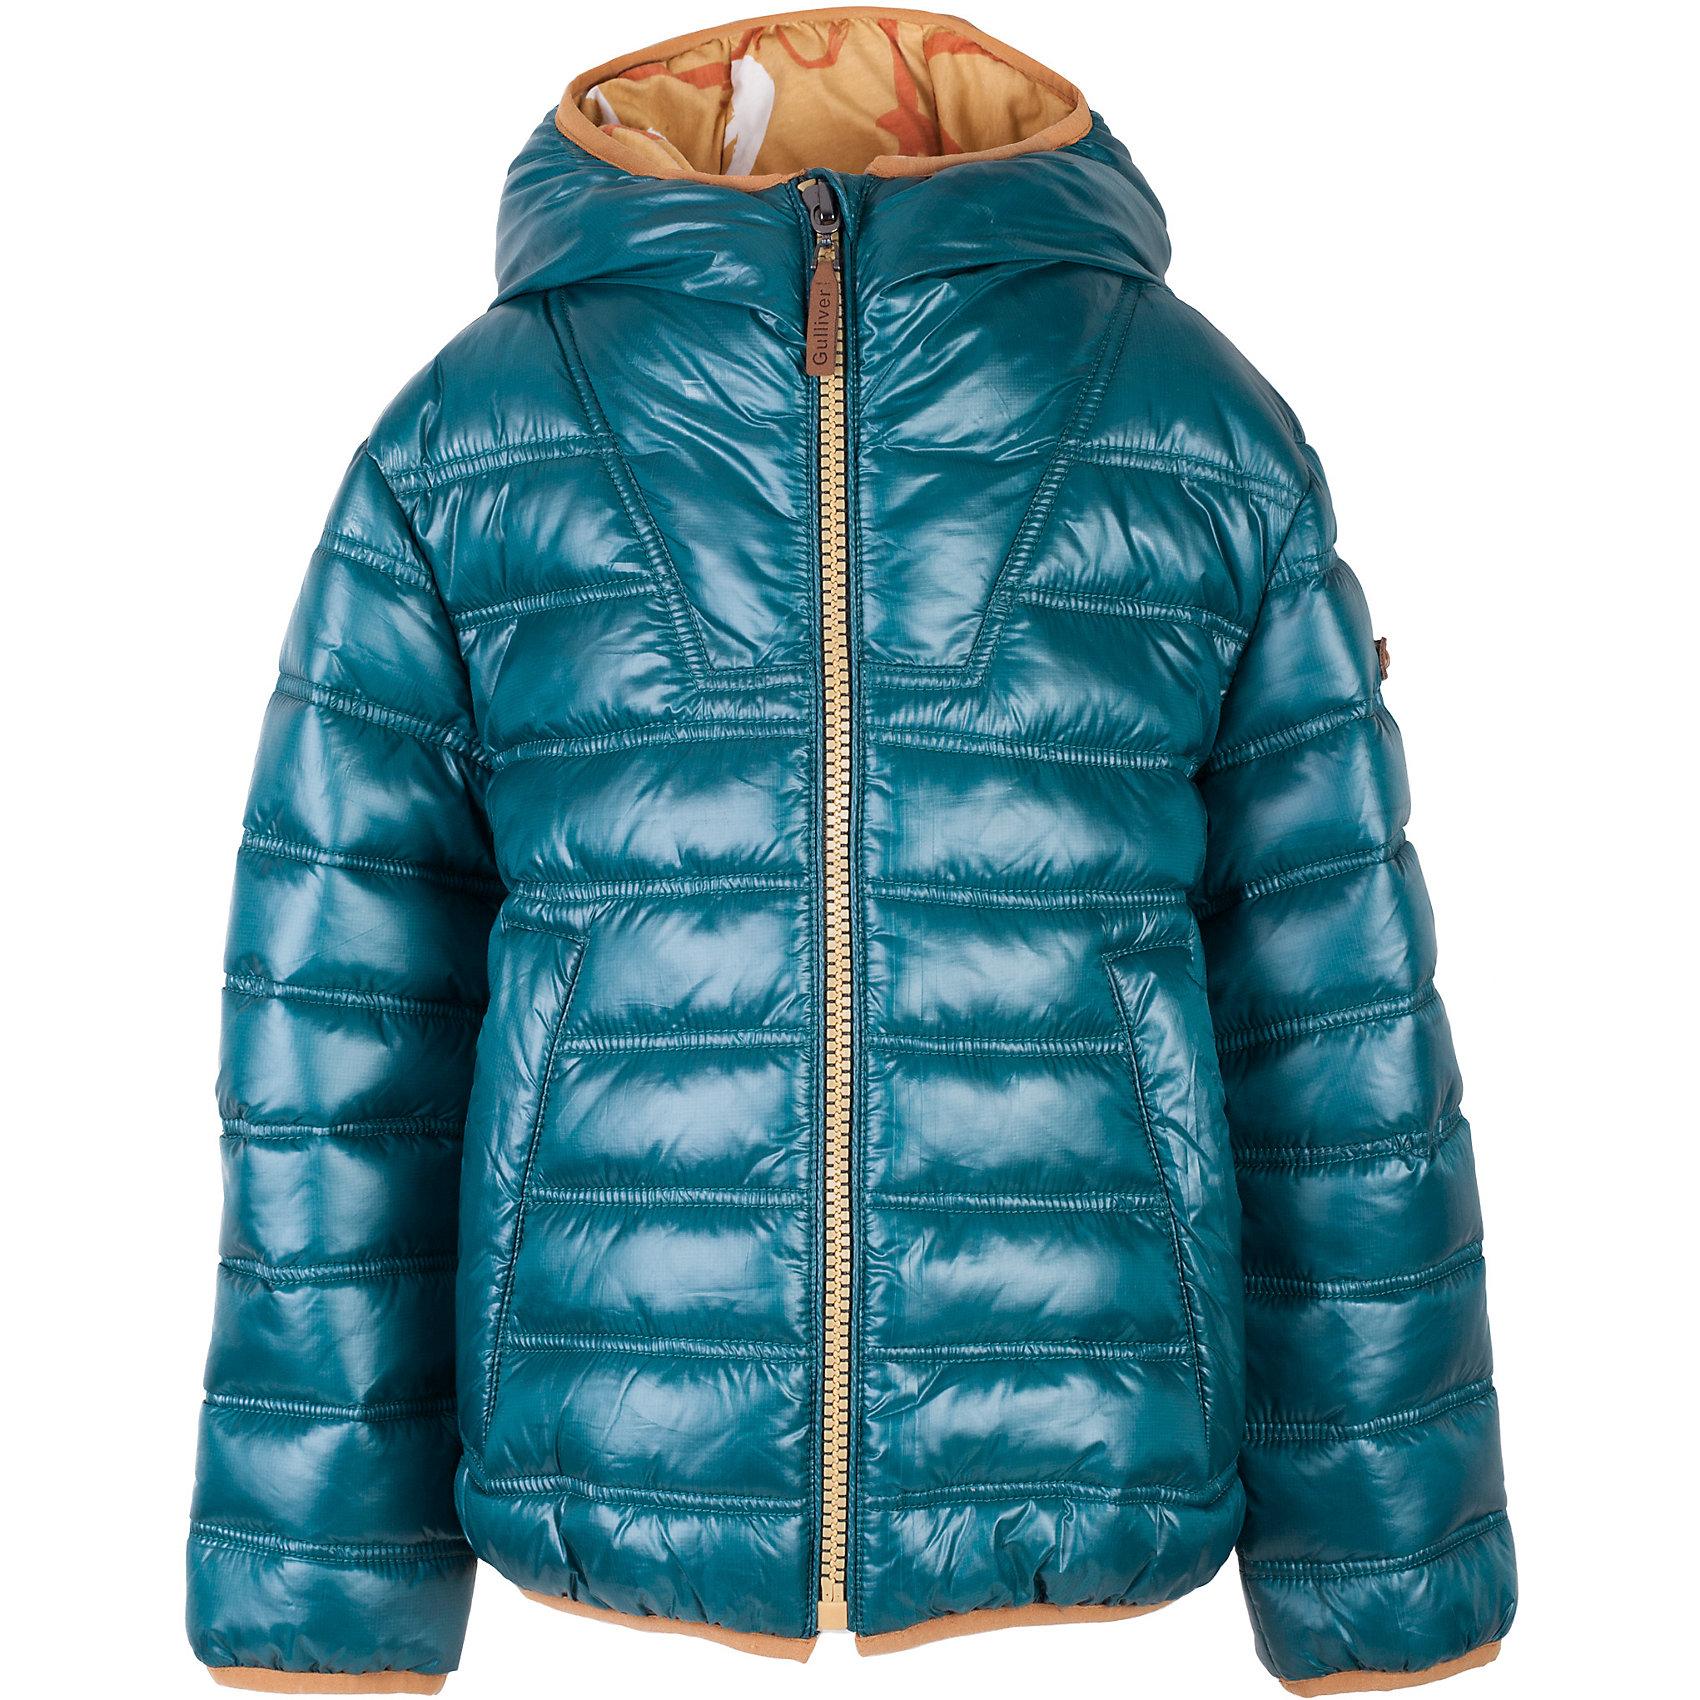 Куртка для мальчика GulliverВерхняя одежда<br>Мамы мальчиков знают: купить детскую утепленную куртку для весны намного сложнее, чем кажется. Перебирая модели в магазинах одежды, многих постигает разочарование: скучные, блеклые, старомодные вещи не вызывают желания. Но, увидев куртку Gulliver из коллекции Пикассо, не остается сомнений - это именно то, что нужно! Модный цвет, стильный дизайн, принтованная подкладка делают эту куртку незаменимым атрибутом весеннего гардероба. Если вы хотите сделать каждый день ребенка комфортным, интересным и позитивным, вам стоит купить куртку от Gulliver, и яркий образ в стиле casual ему обеспечен.<br>Состав:<br>верх:               100% полиэстер; подкладка:                      50% хлопок      50% полиэстер; утеплитель: иск.пух          100% полиэстер<br><br>Ширина мм: 356<br>Глубина мм: 10<br>Высота мм: 245<br>Вес г: 519<br>Цвет: голубой<br>Возраст от месяцев: 72<br>Возраст до месяцев: 84<br>Пол: Мужской<br>Возраст: Детский<br>Размер: 122,140,128,134<br>SKU: 5482817